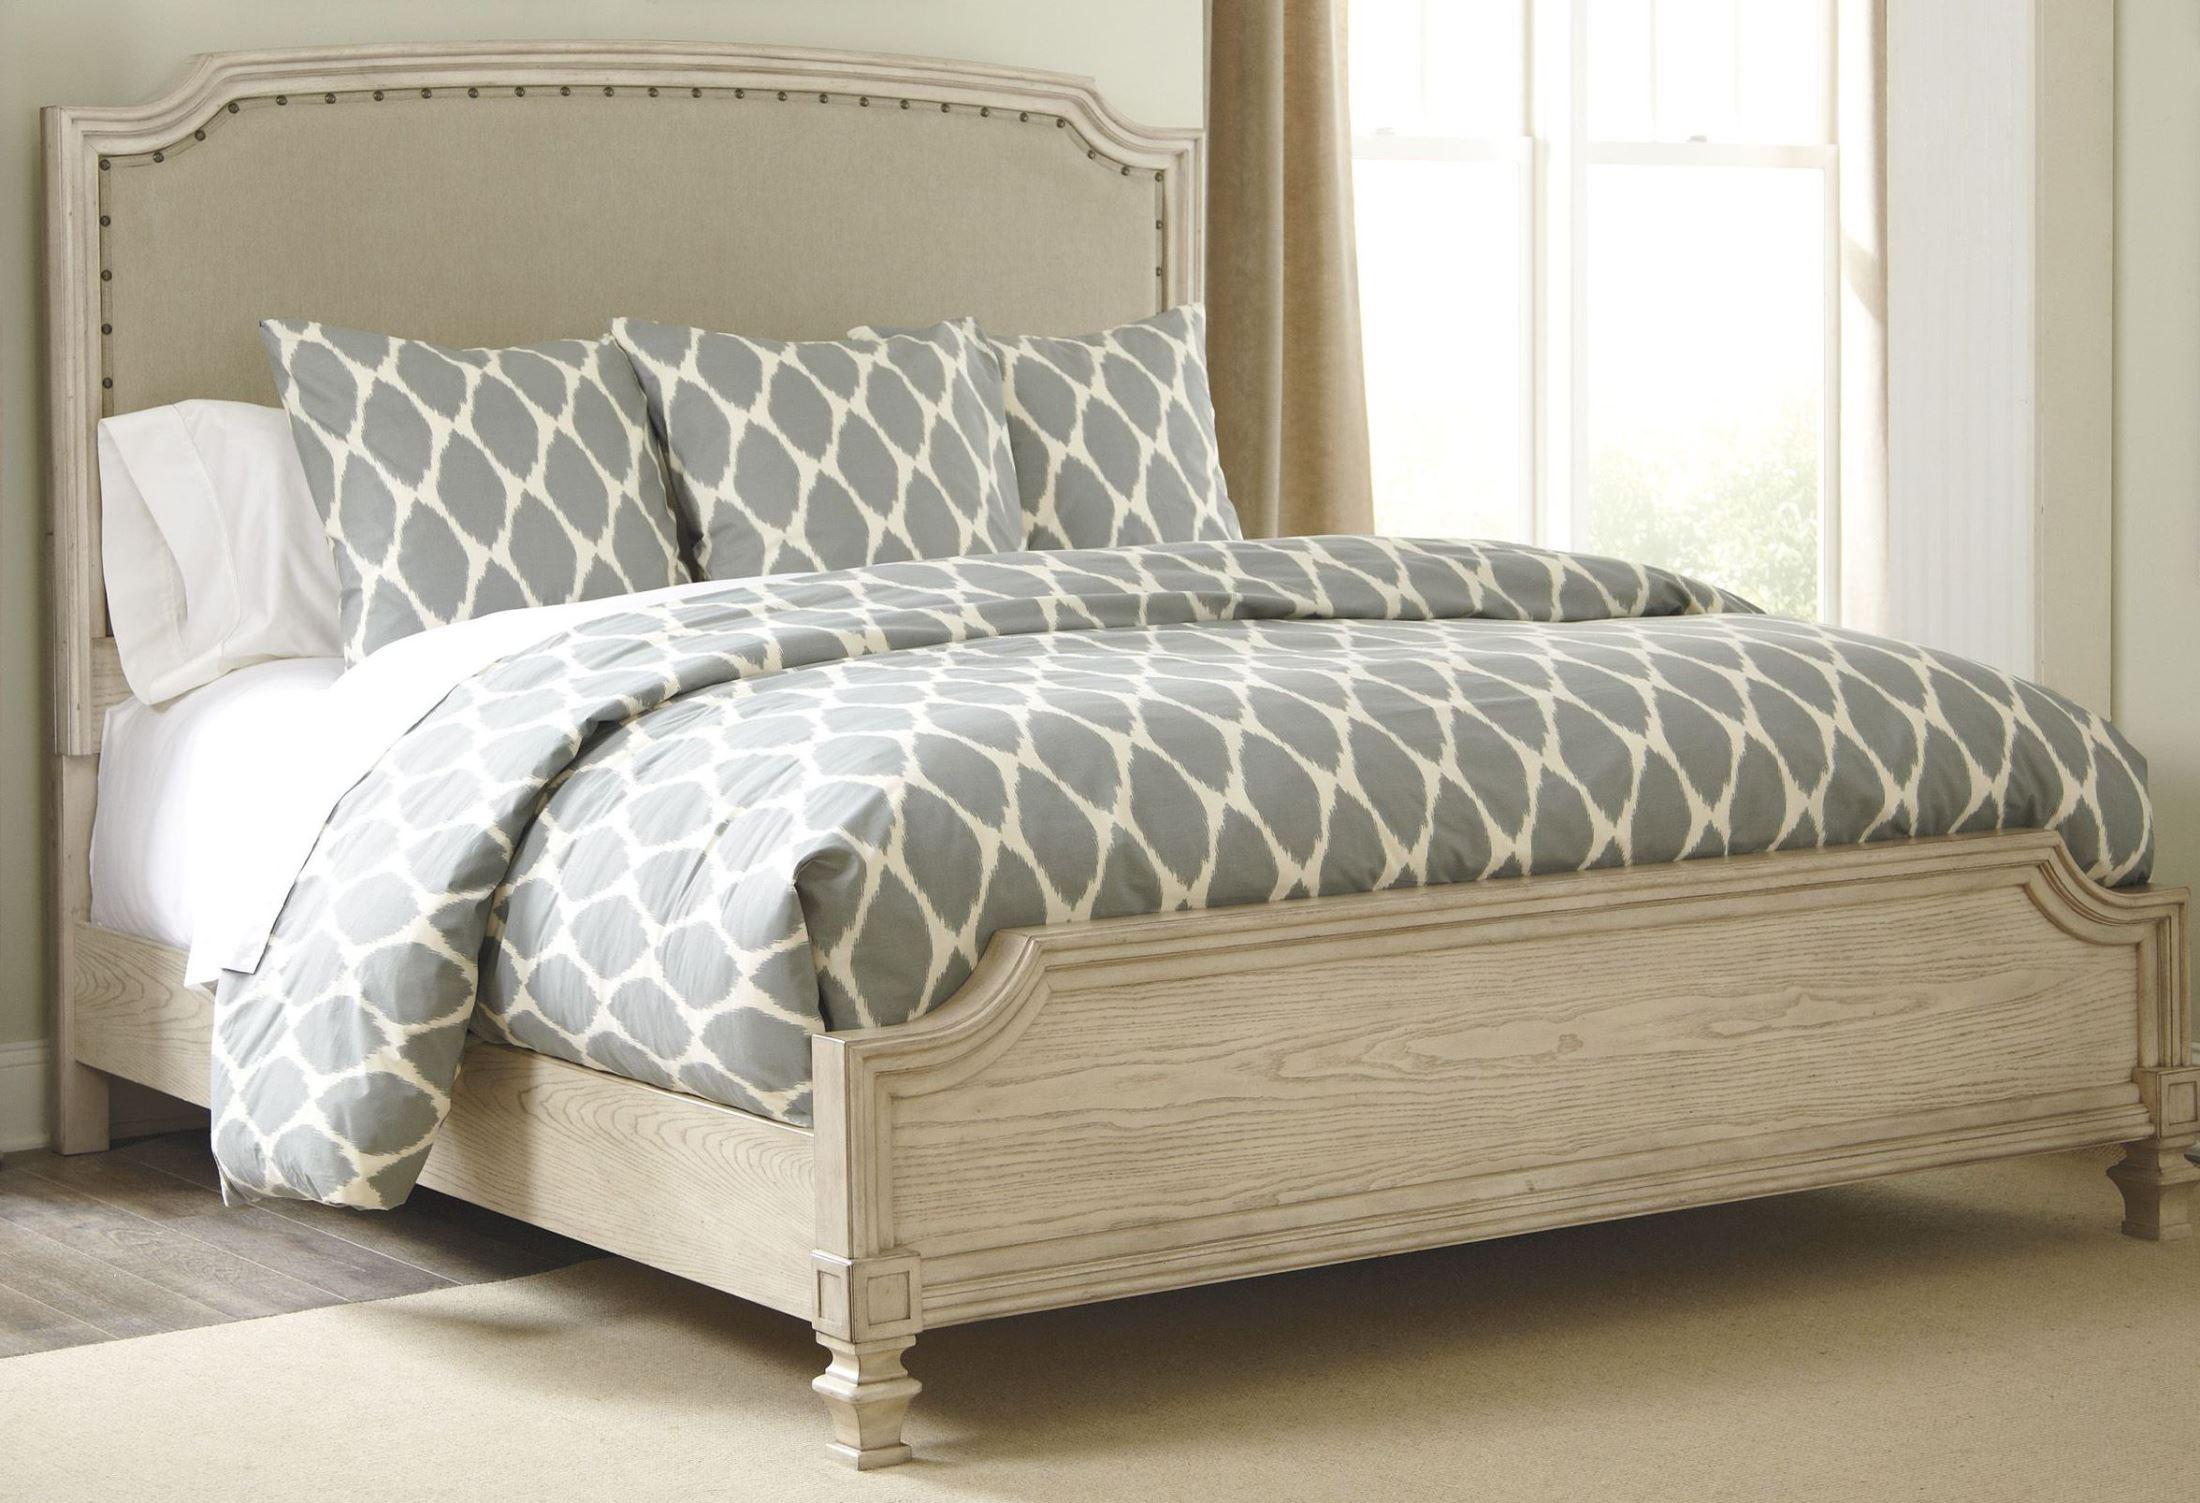 Image Result For Ashley Furniture King